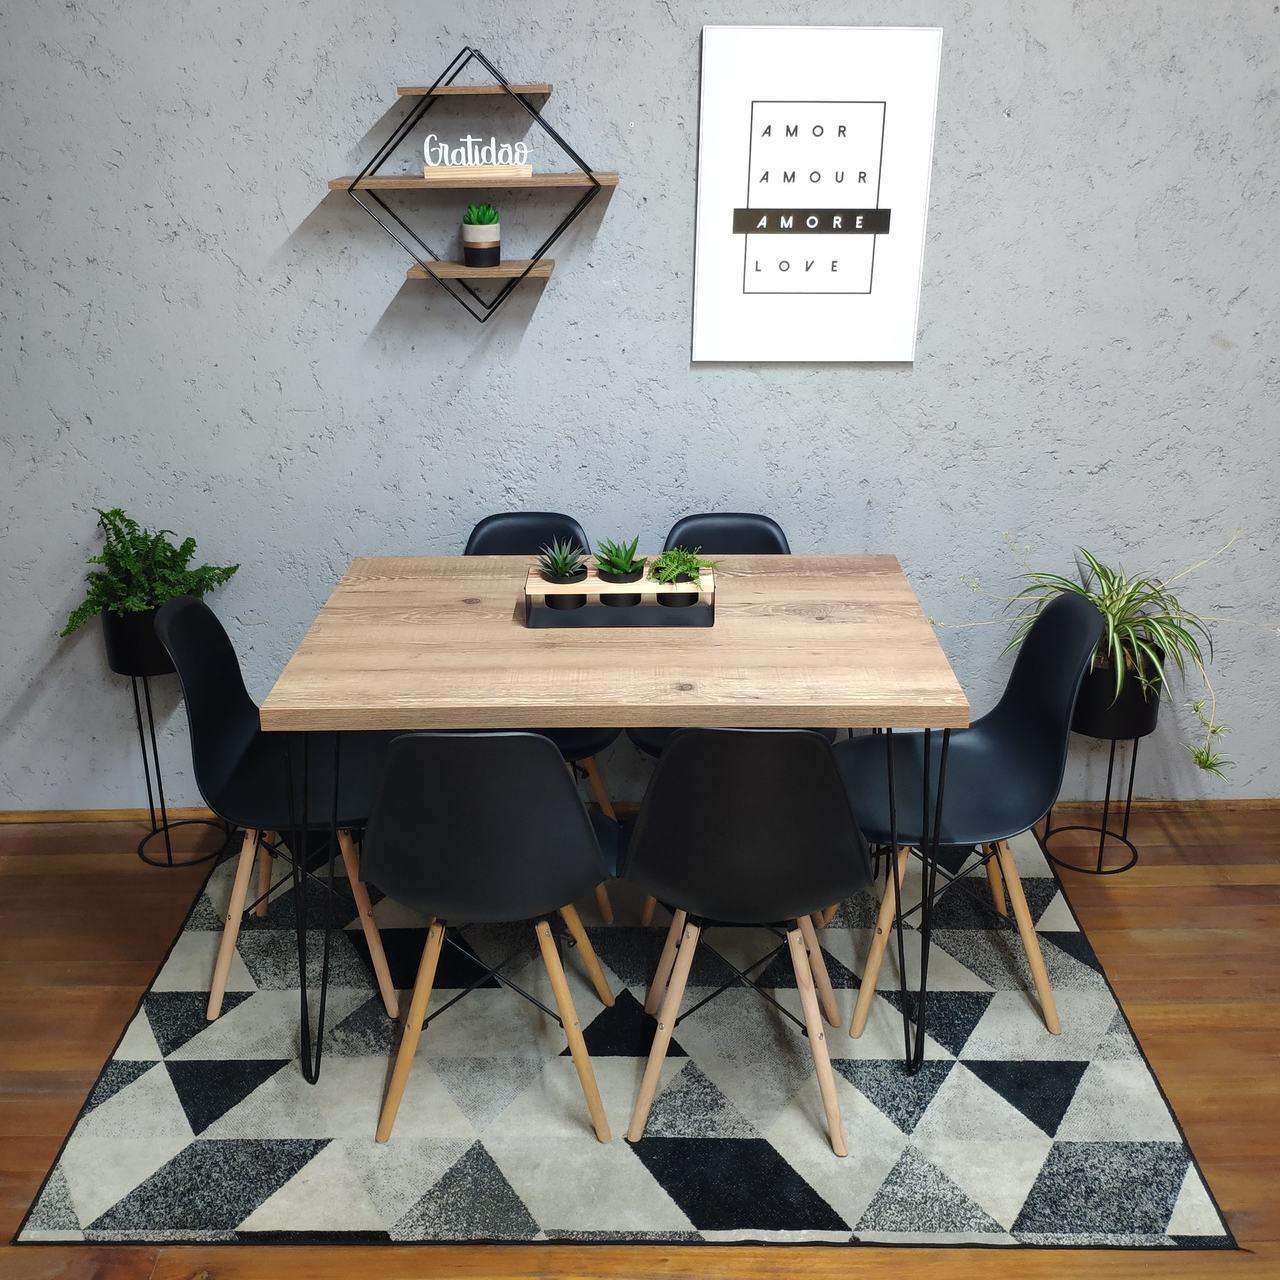 Mesa de Jantar Antiqua 90x150 Hairpin Legs com 6 Cadeiras Eames Pretas